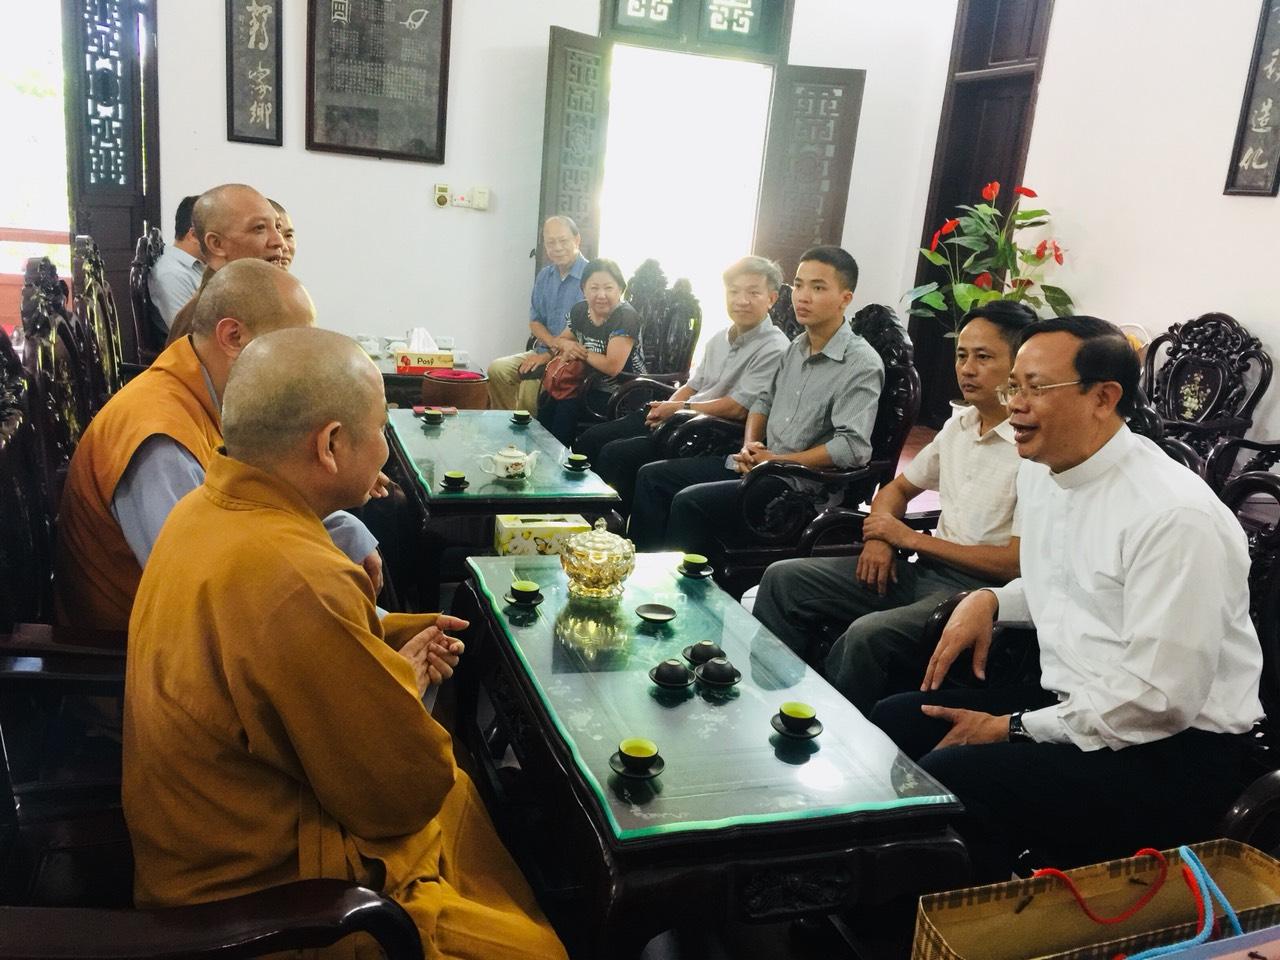 Ban Trị Sự GHPGVN Tỉnh Hà Nam Đã Long Trọng Tiếp Đón Phái Đoàn Linh Mục Đi Thăm Các Cơ Sở Thờ Tự Phật Giáo.